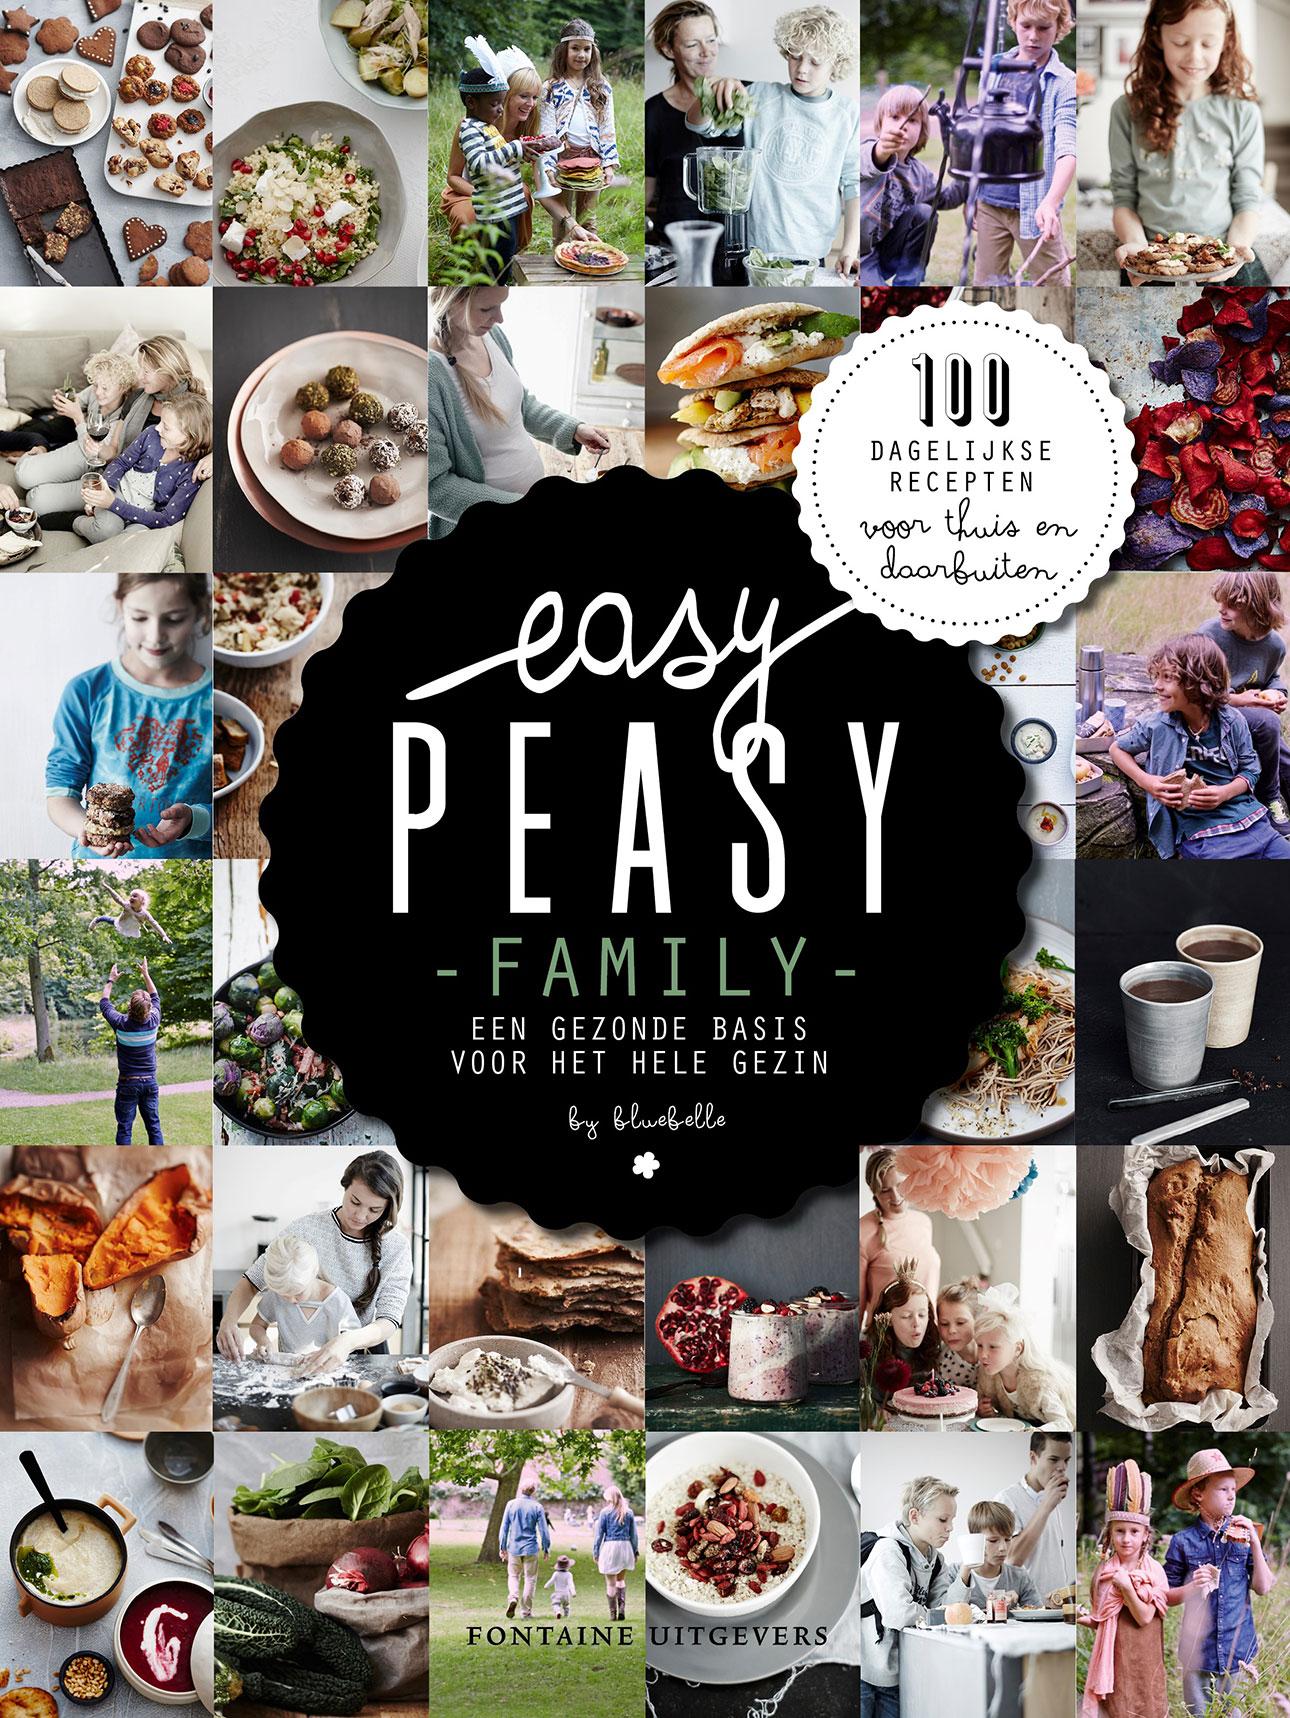 Kookboek gezin easy peasy family